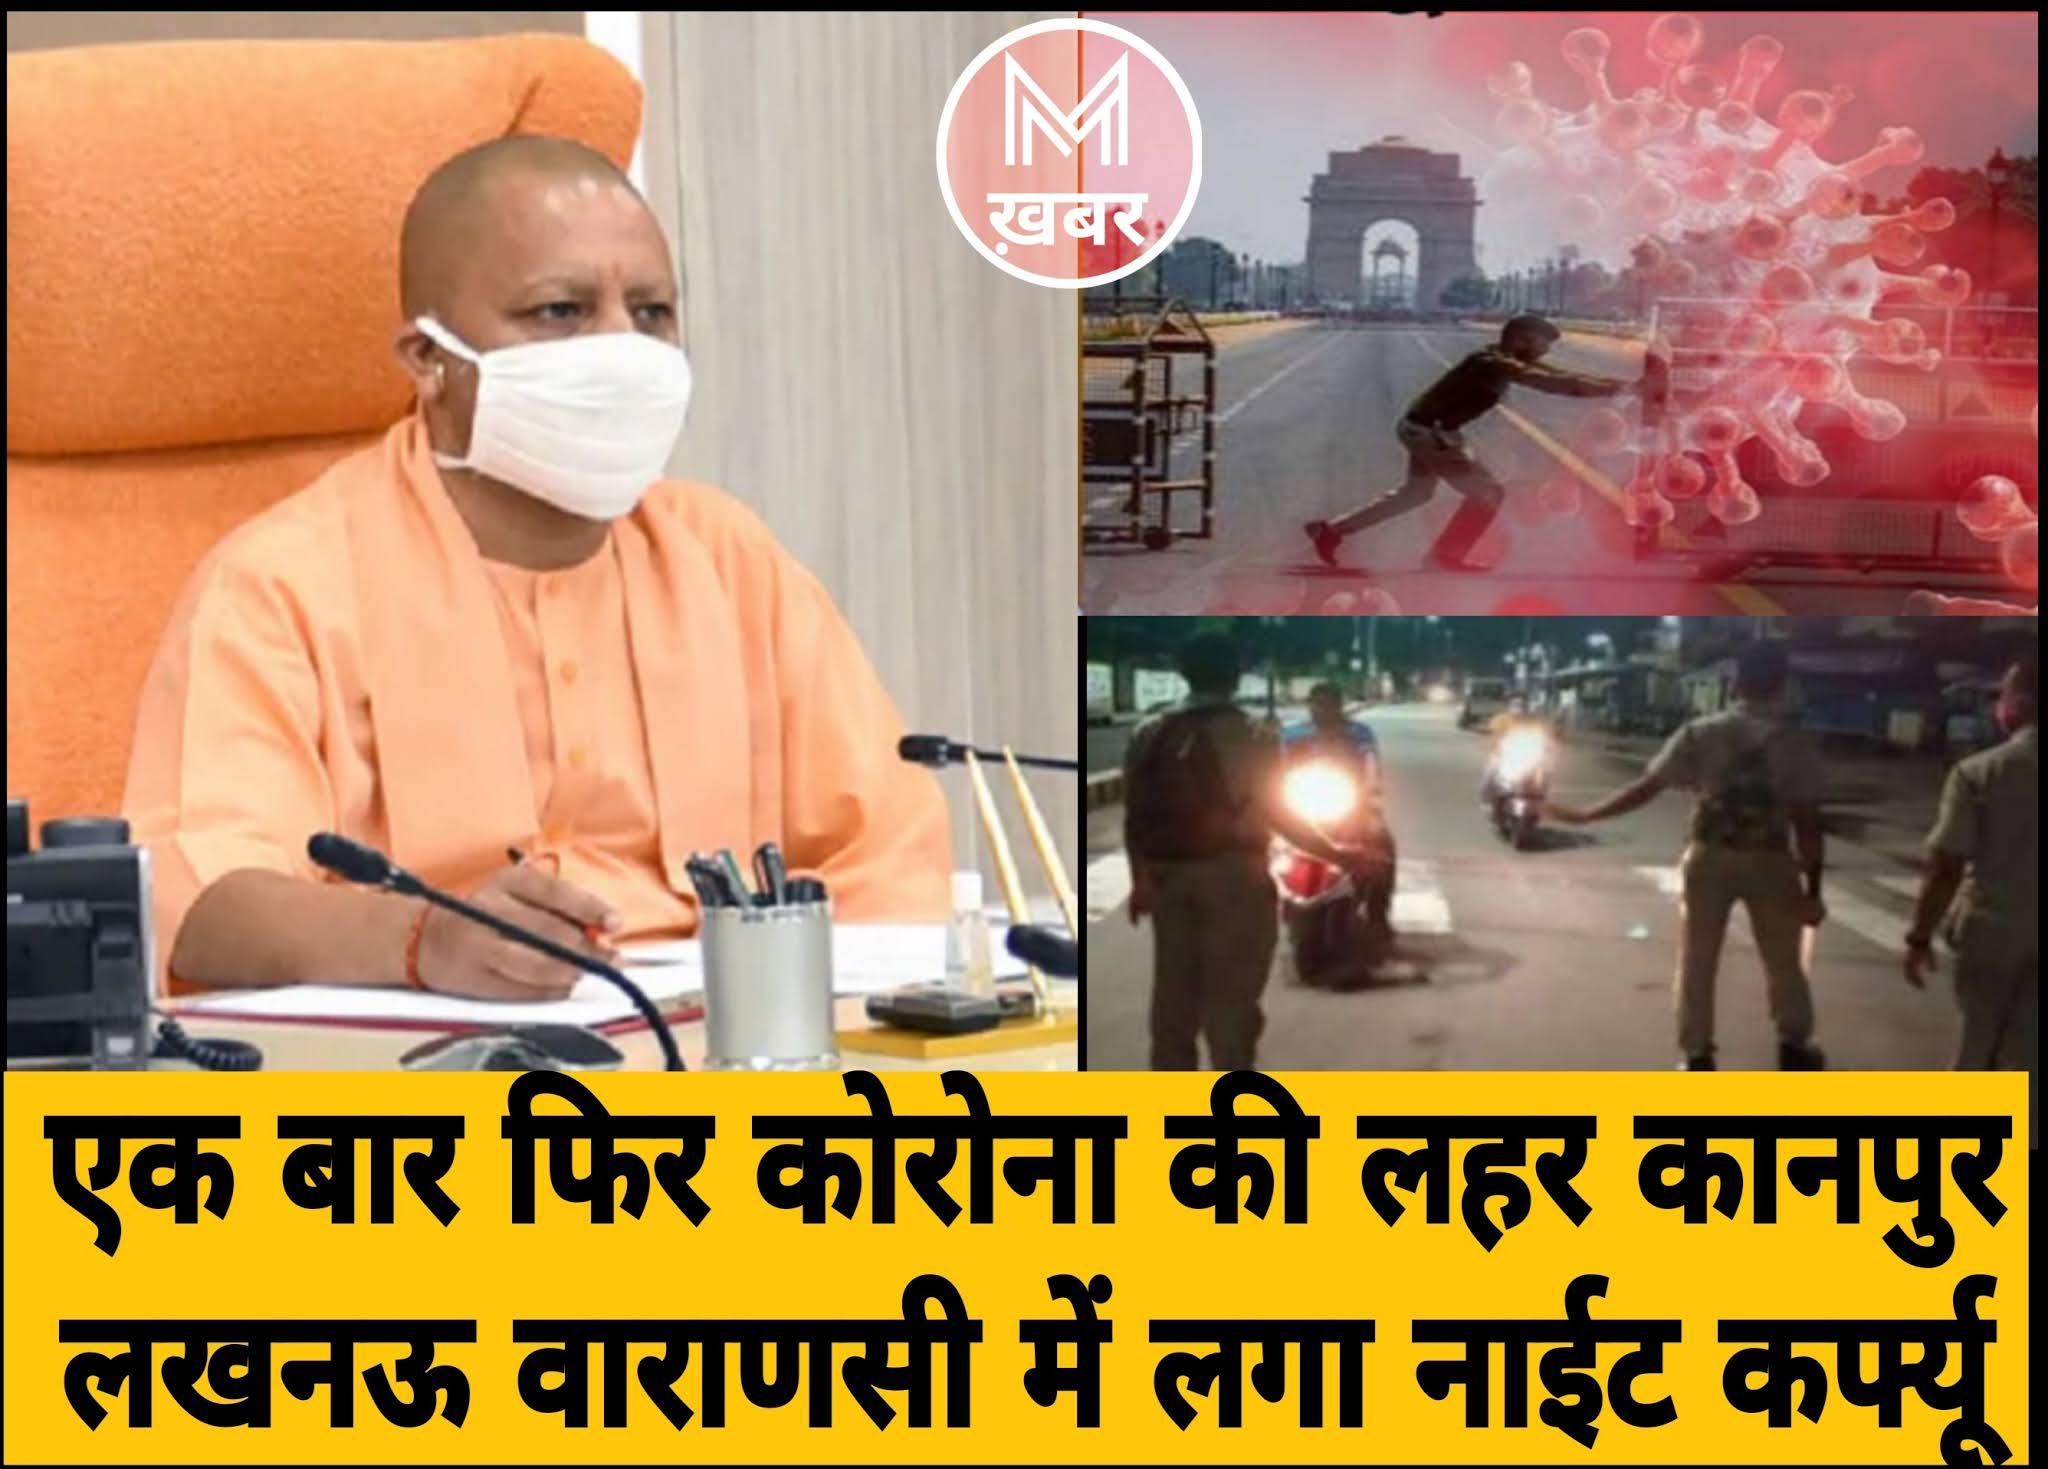 Night Curfew In UP: उत्तर प्रदेश में कोरोना लहर, Lucknow,Kanpur,Varanasi में 8 अप्रैल से नाइट कर्फ्यू; जानें- क्या बंद और क्या खुला